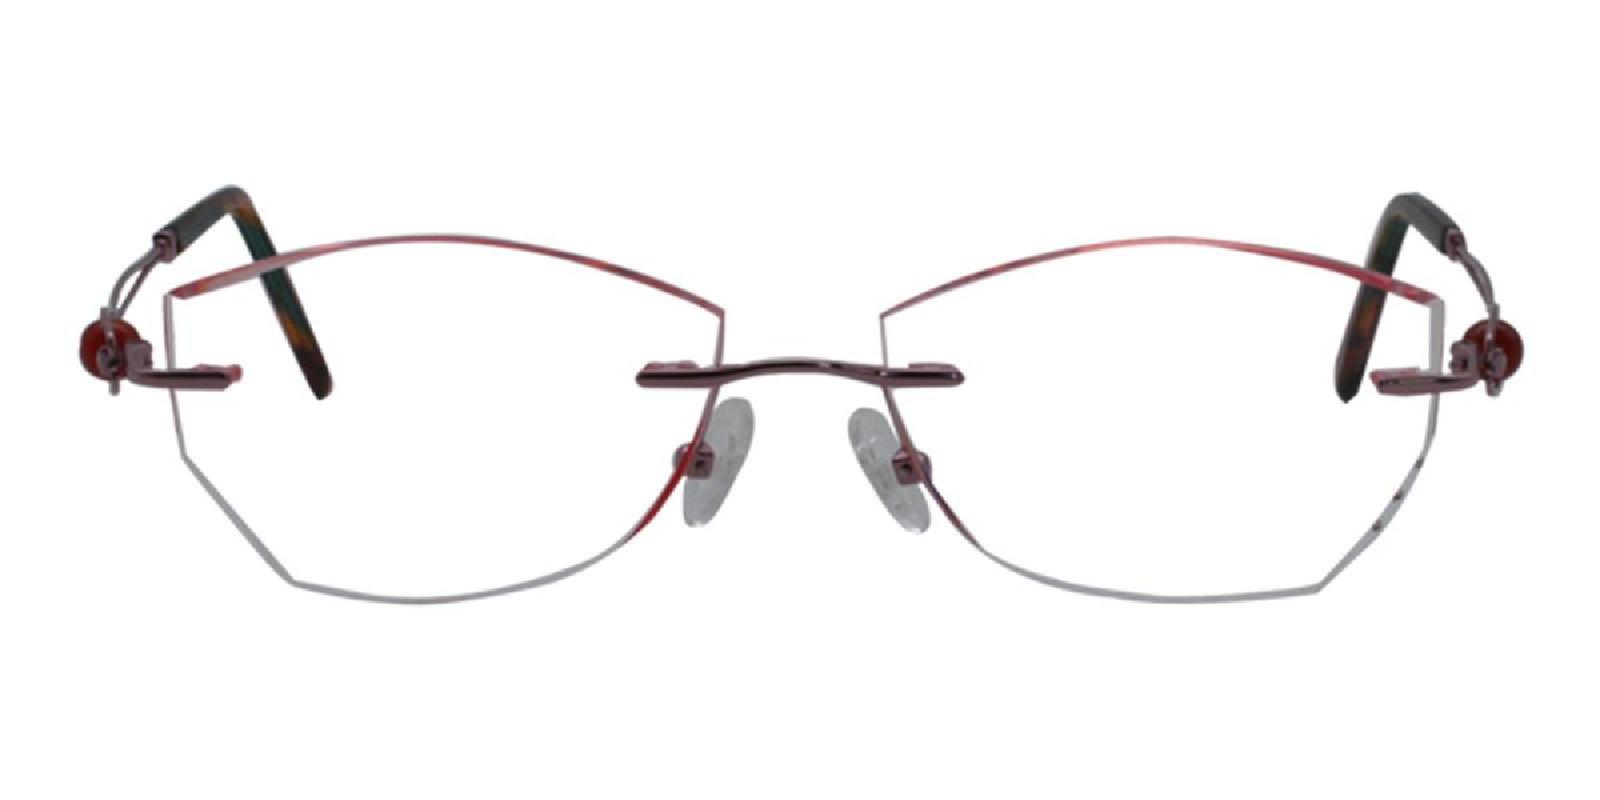 Lilinala-Pink-Varieties-Titanium-Eyeglasses-additional2